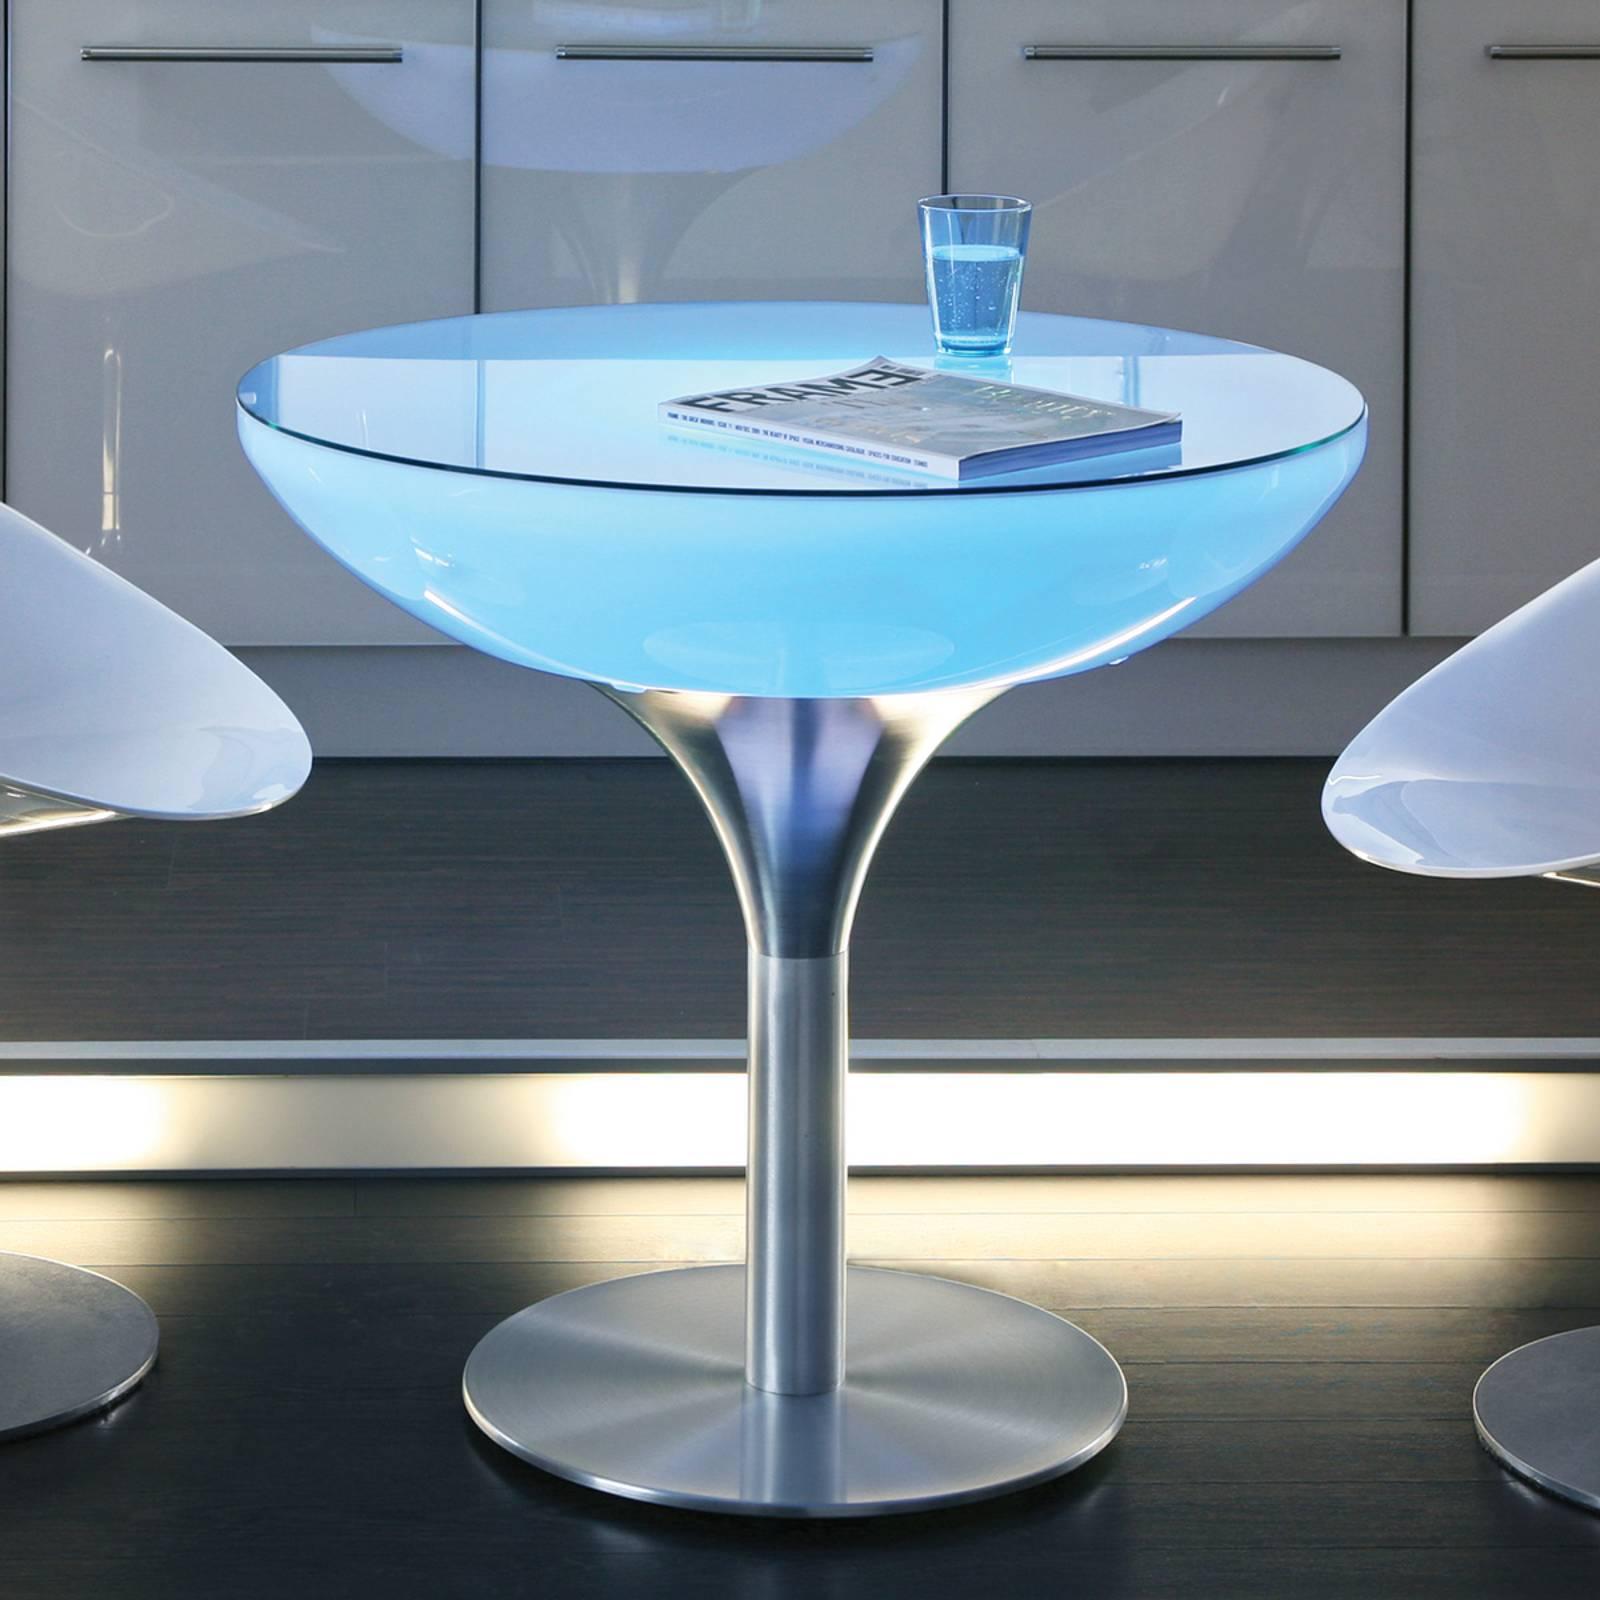 Valopöytä Lounge Table Indoor, 75 cm